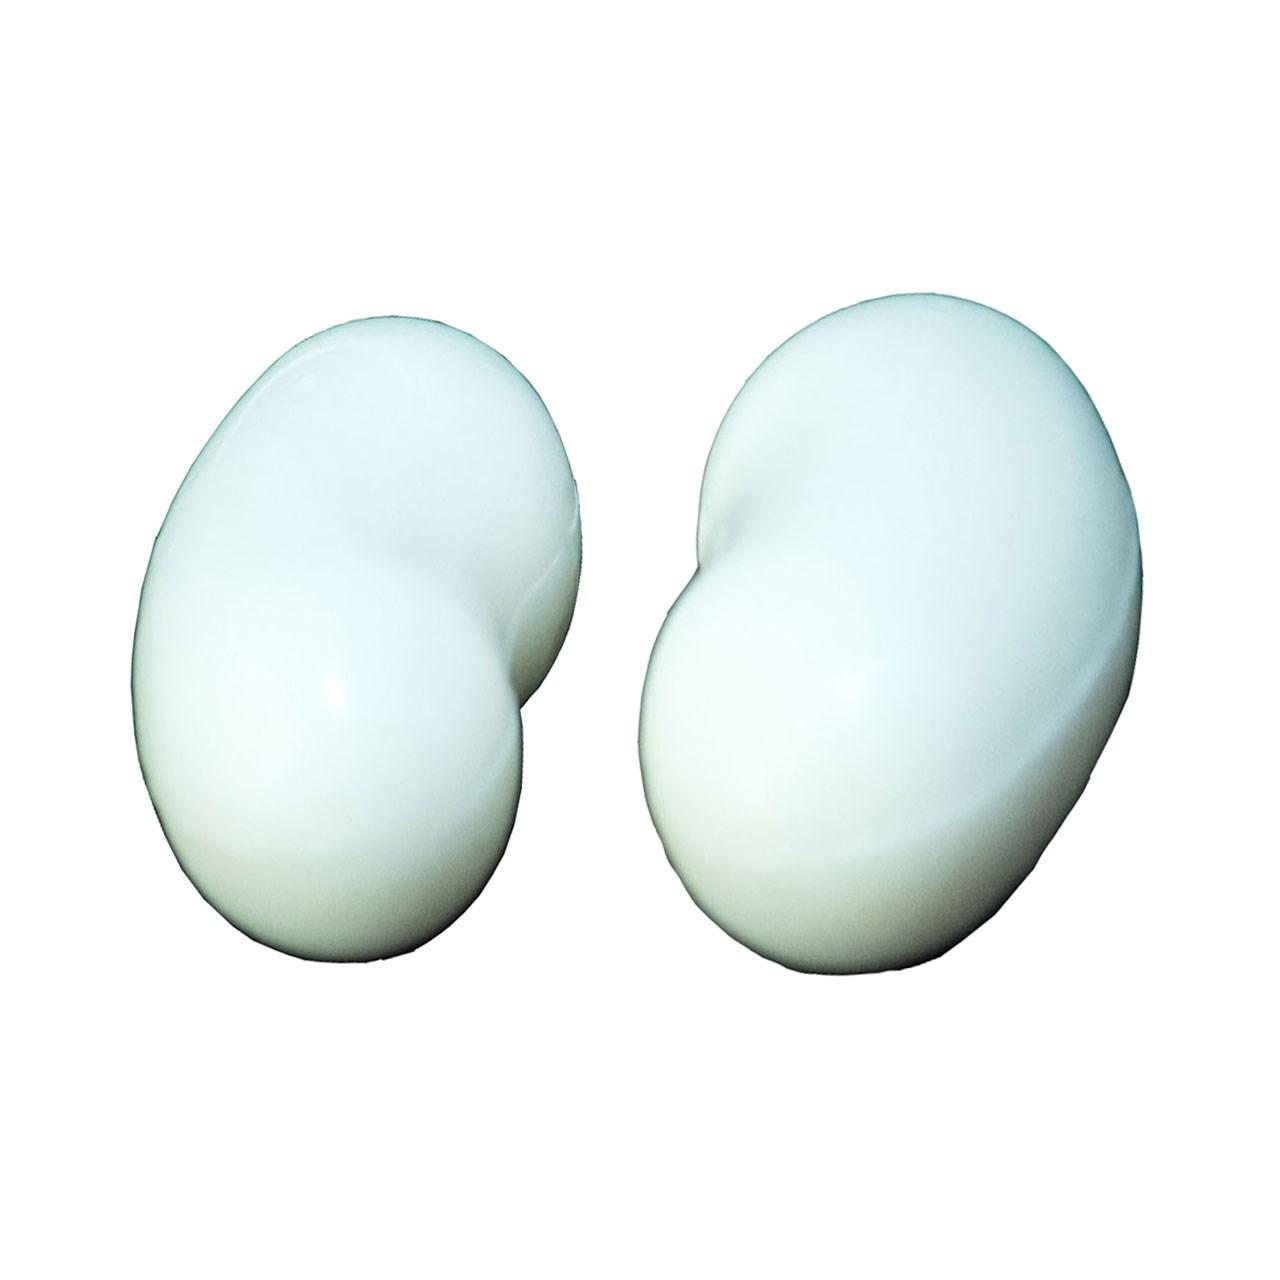 قیمت صابون شتر مرغ راژ مدل Professional formula بسته دو عددی